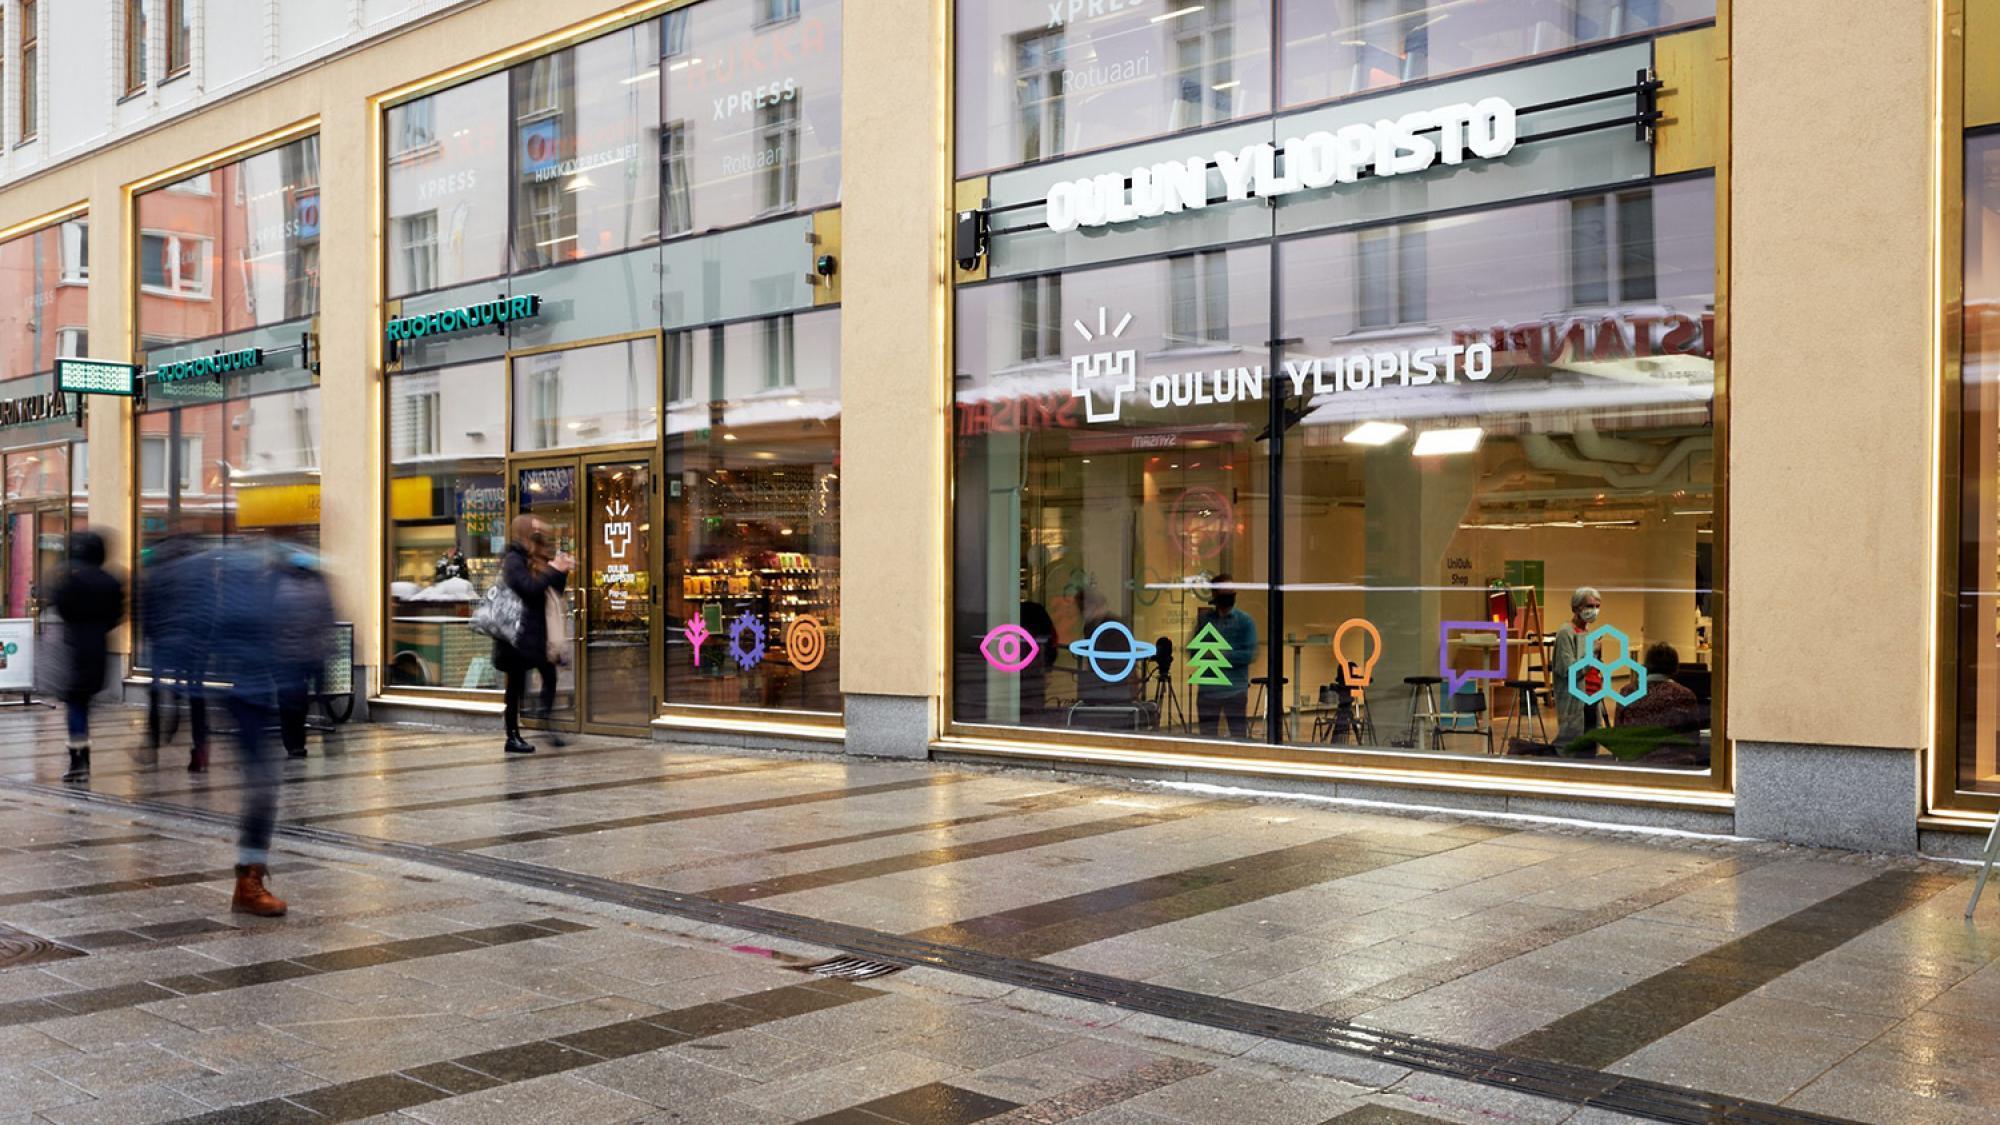 Oulun yliopiston pop-up-tila Rotuaarilla.